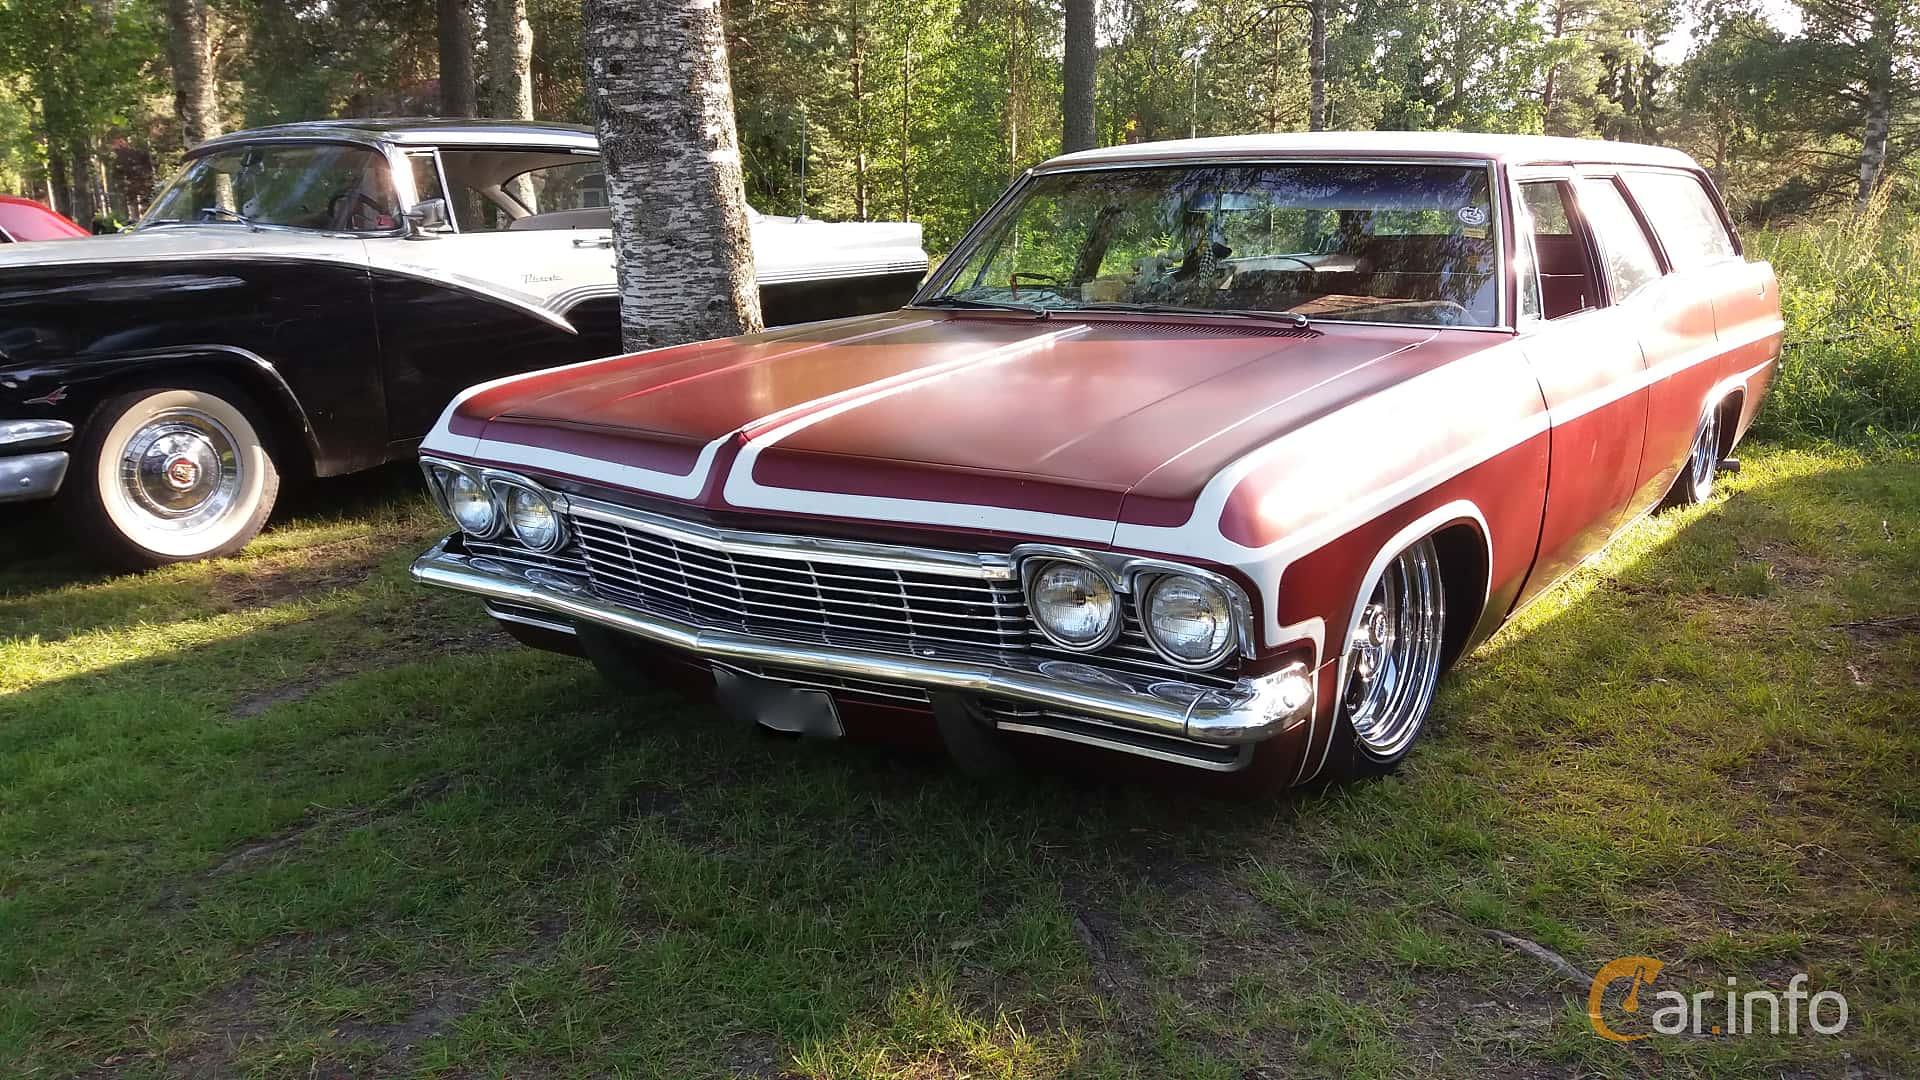 Chevrolet Impala 2-seat Station Wagon 4.6 V8 Powerglide, 198hp, 1965 at Onsdagsträffar på Gammlia Umeå 2019 vecka 28